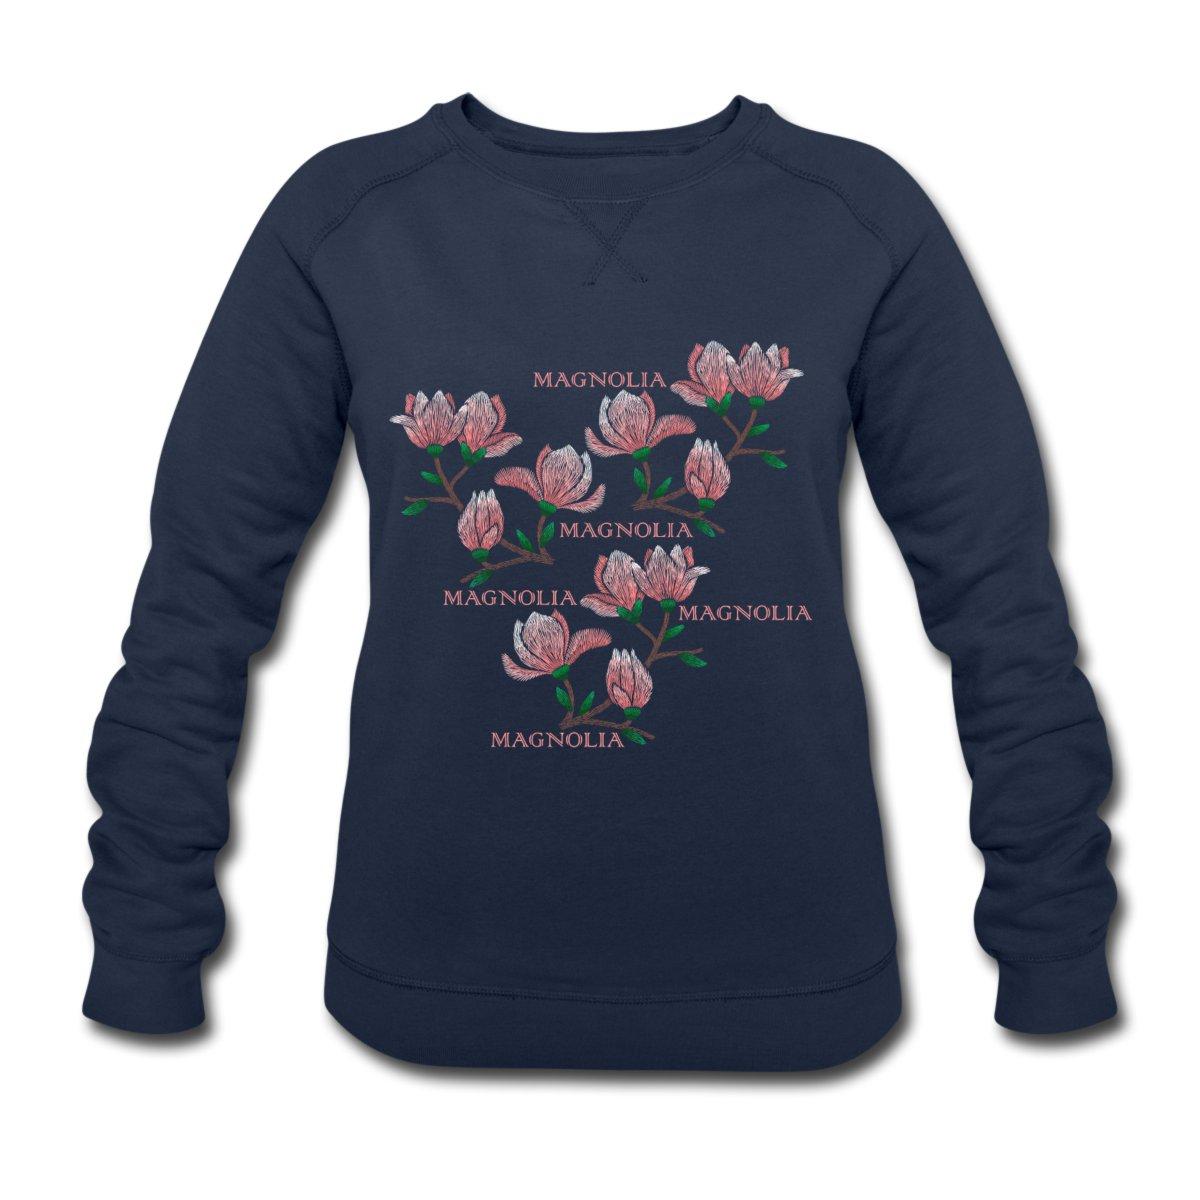 magnolia-sweatshirt-dam-fraan-stanley-stella-mb.jpg